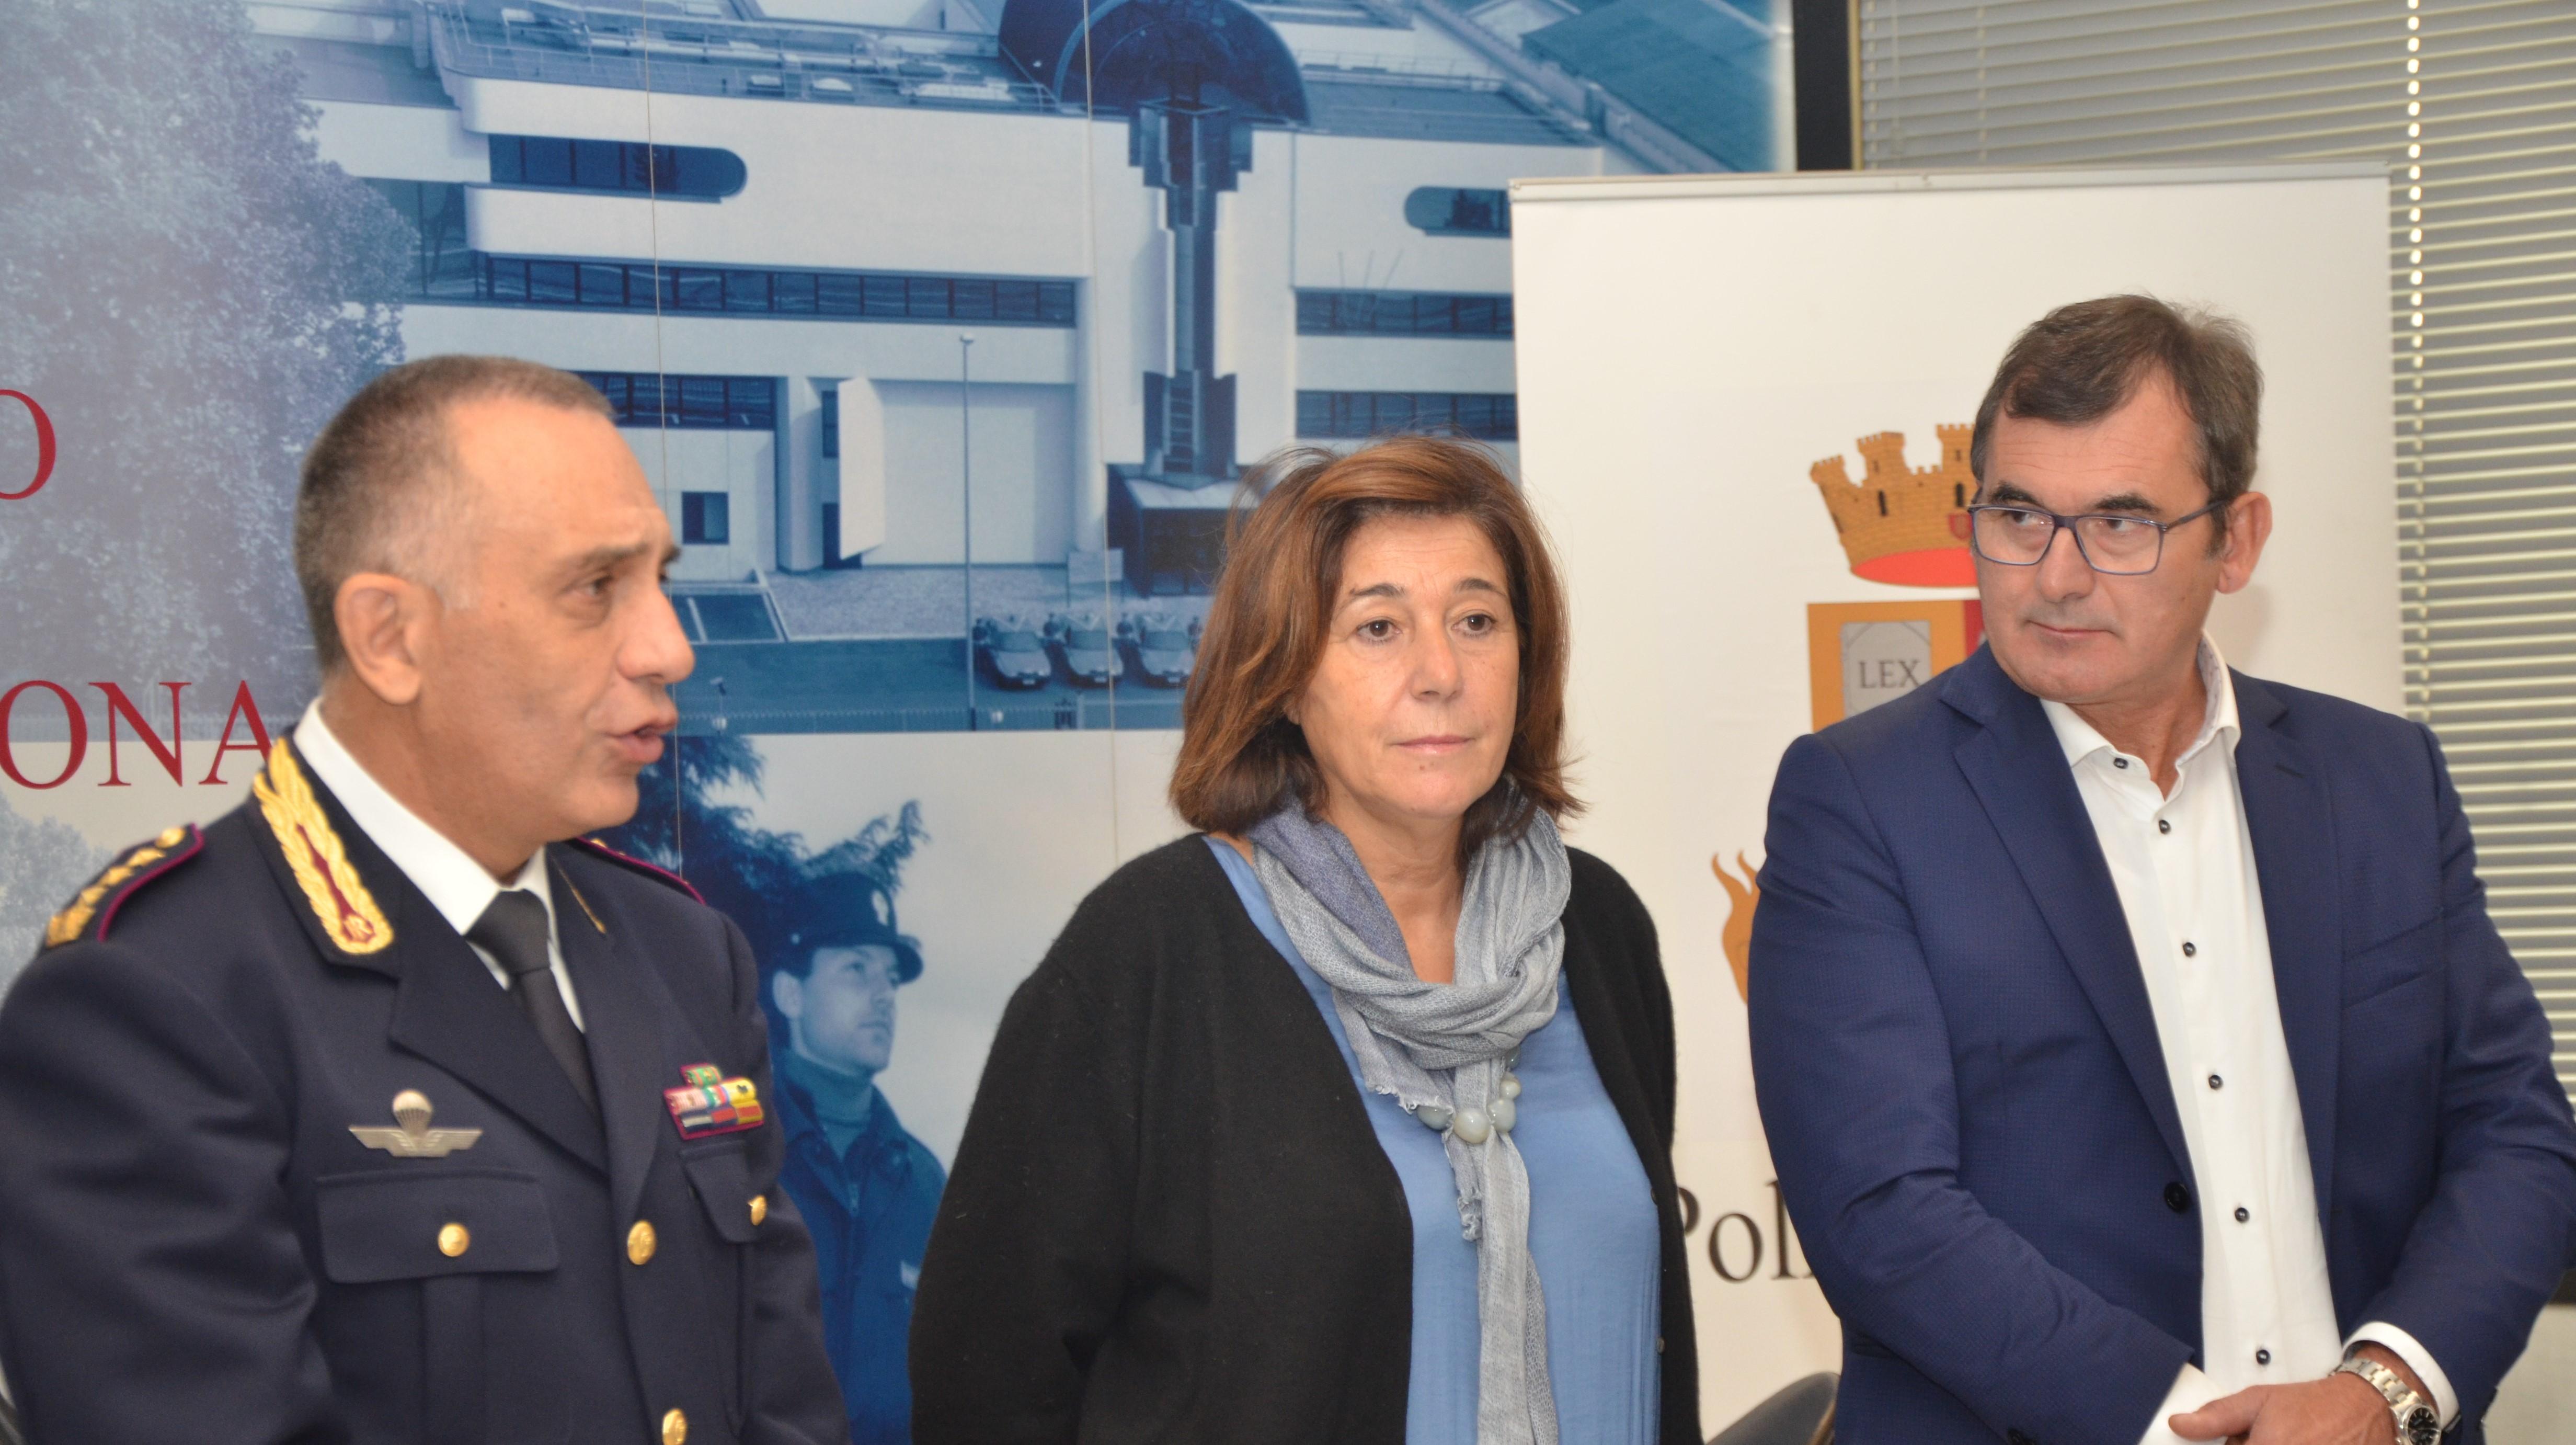 Polizia di stato questure sul web verona for Polizia di stato permesso di soggiorno